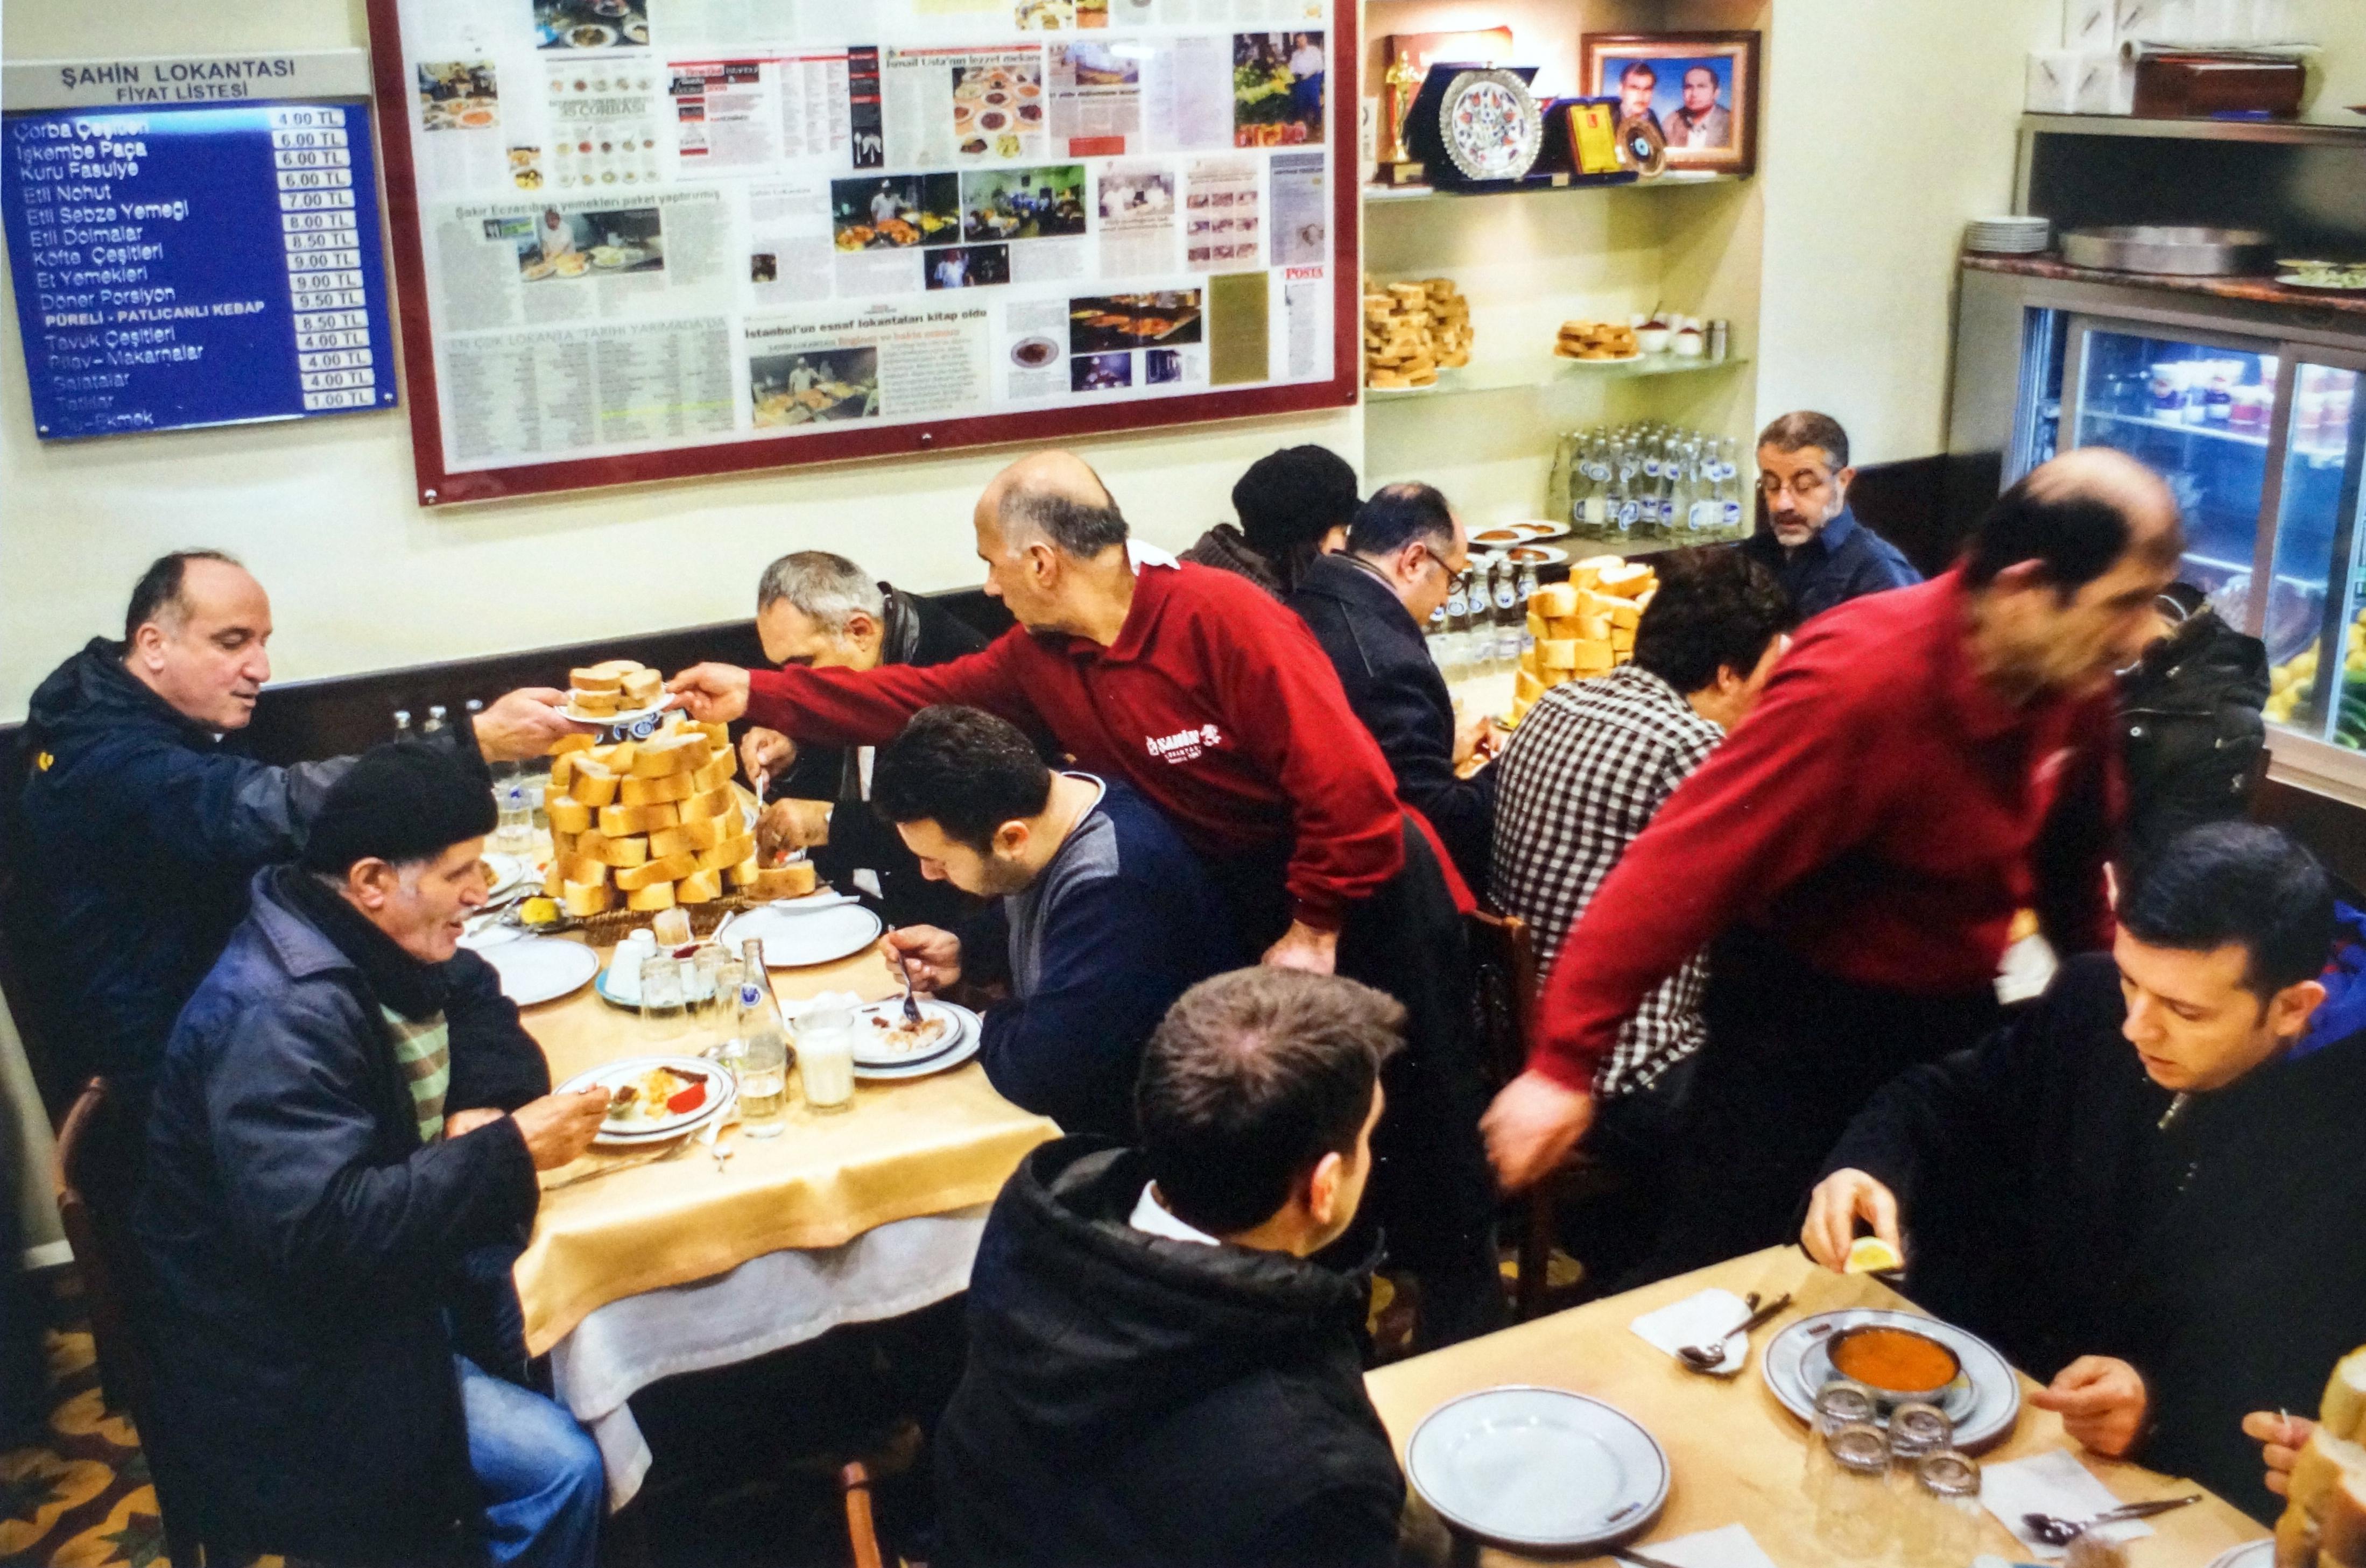 İstanbul'un en eski esnaf lokantalarından Beyoğlu'ndaki Şahin Lokantası, 50 yılını kutluyor. (Fotoğraf Rıza Erdeğirmenci)